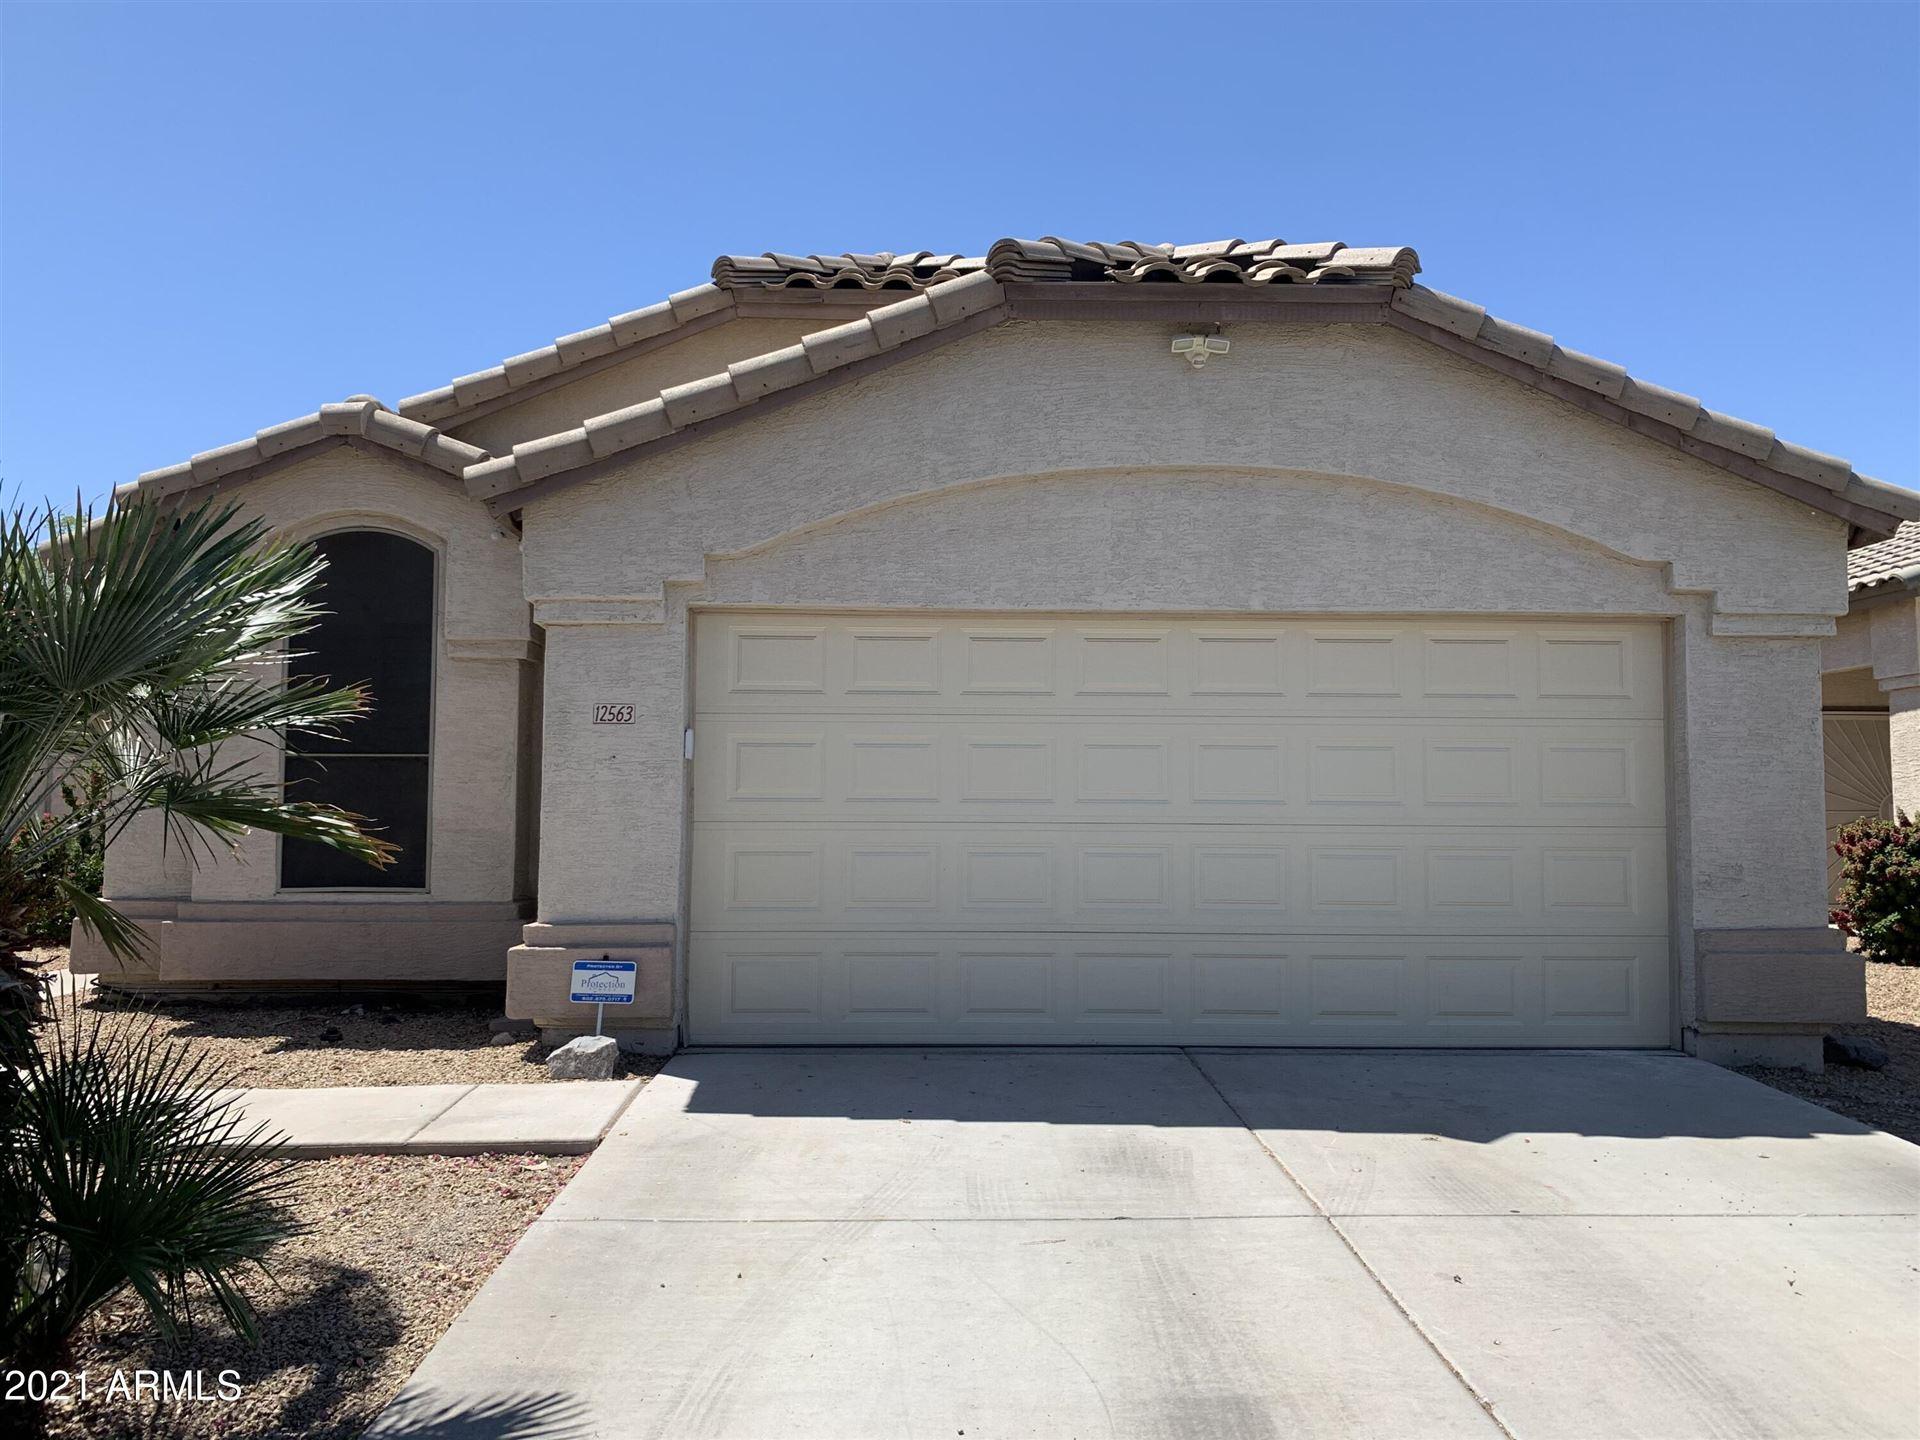 Photo of 12563 W DESERT ROSE Road, Avondale, AZ 85392 (MLS # 6230209)